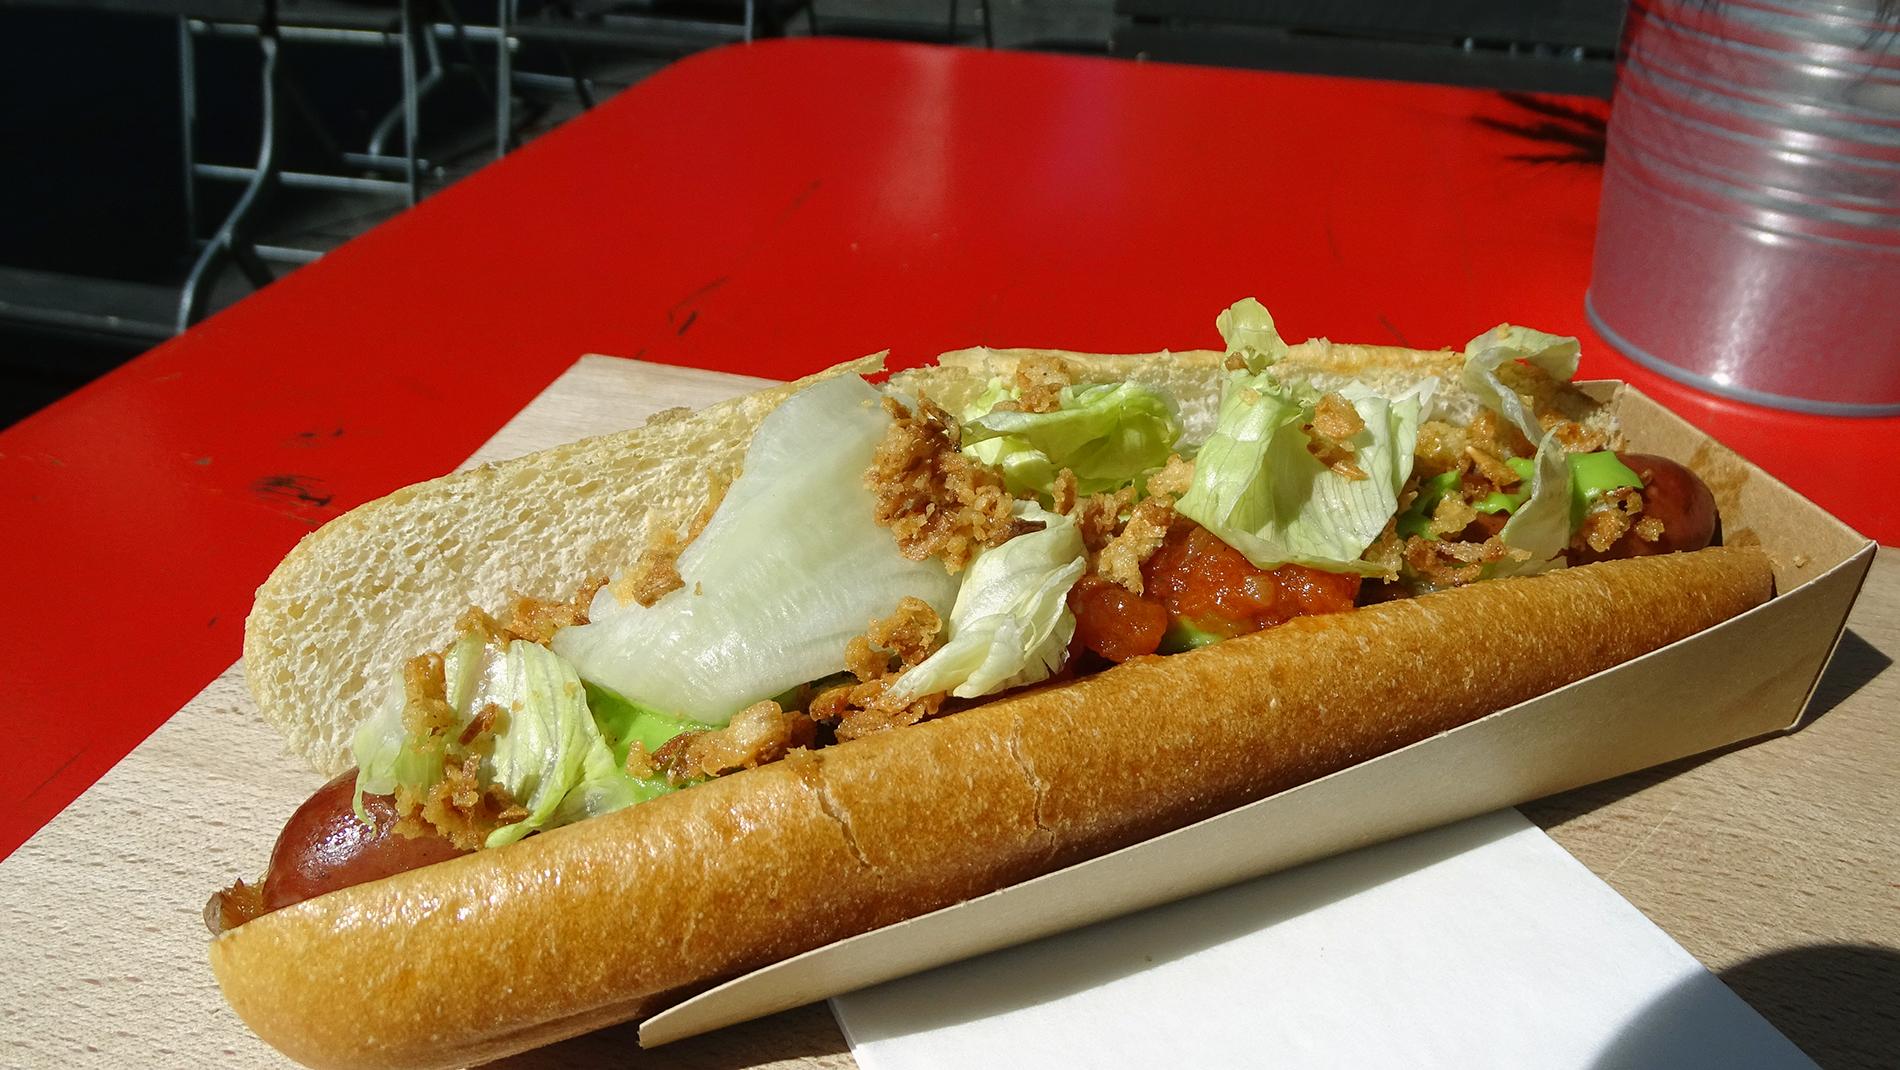 Der «Fresh-Dog»: Eine Rindswurst im Brioche, umgeben von Guacamole, Tomaten, Relish, Sauerrauhm, Eisbergsalat und Röstzwiebeln.